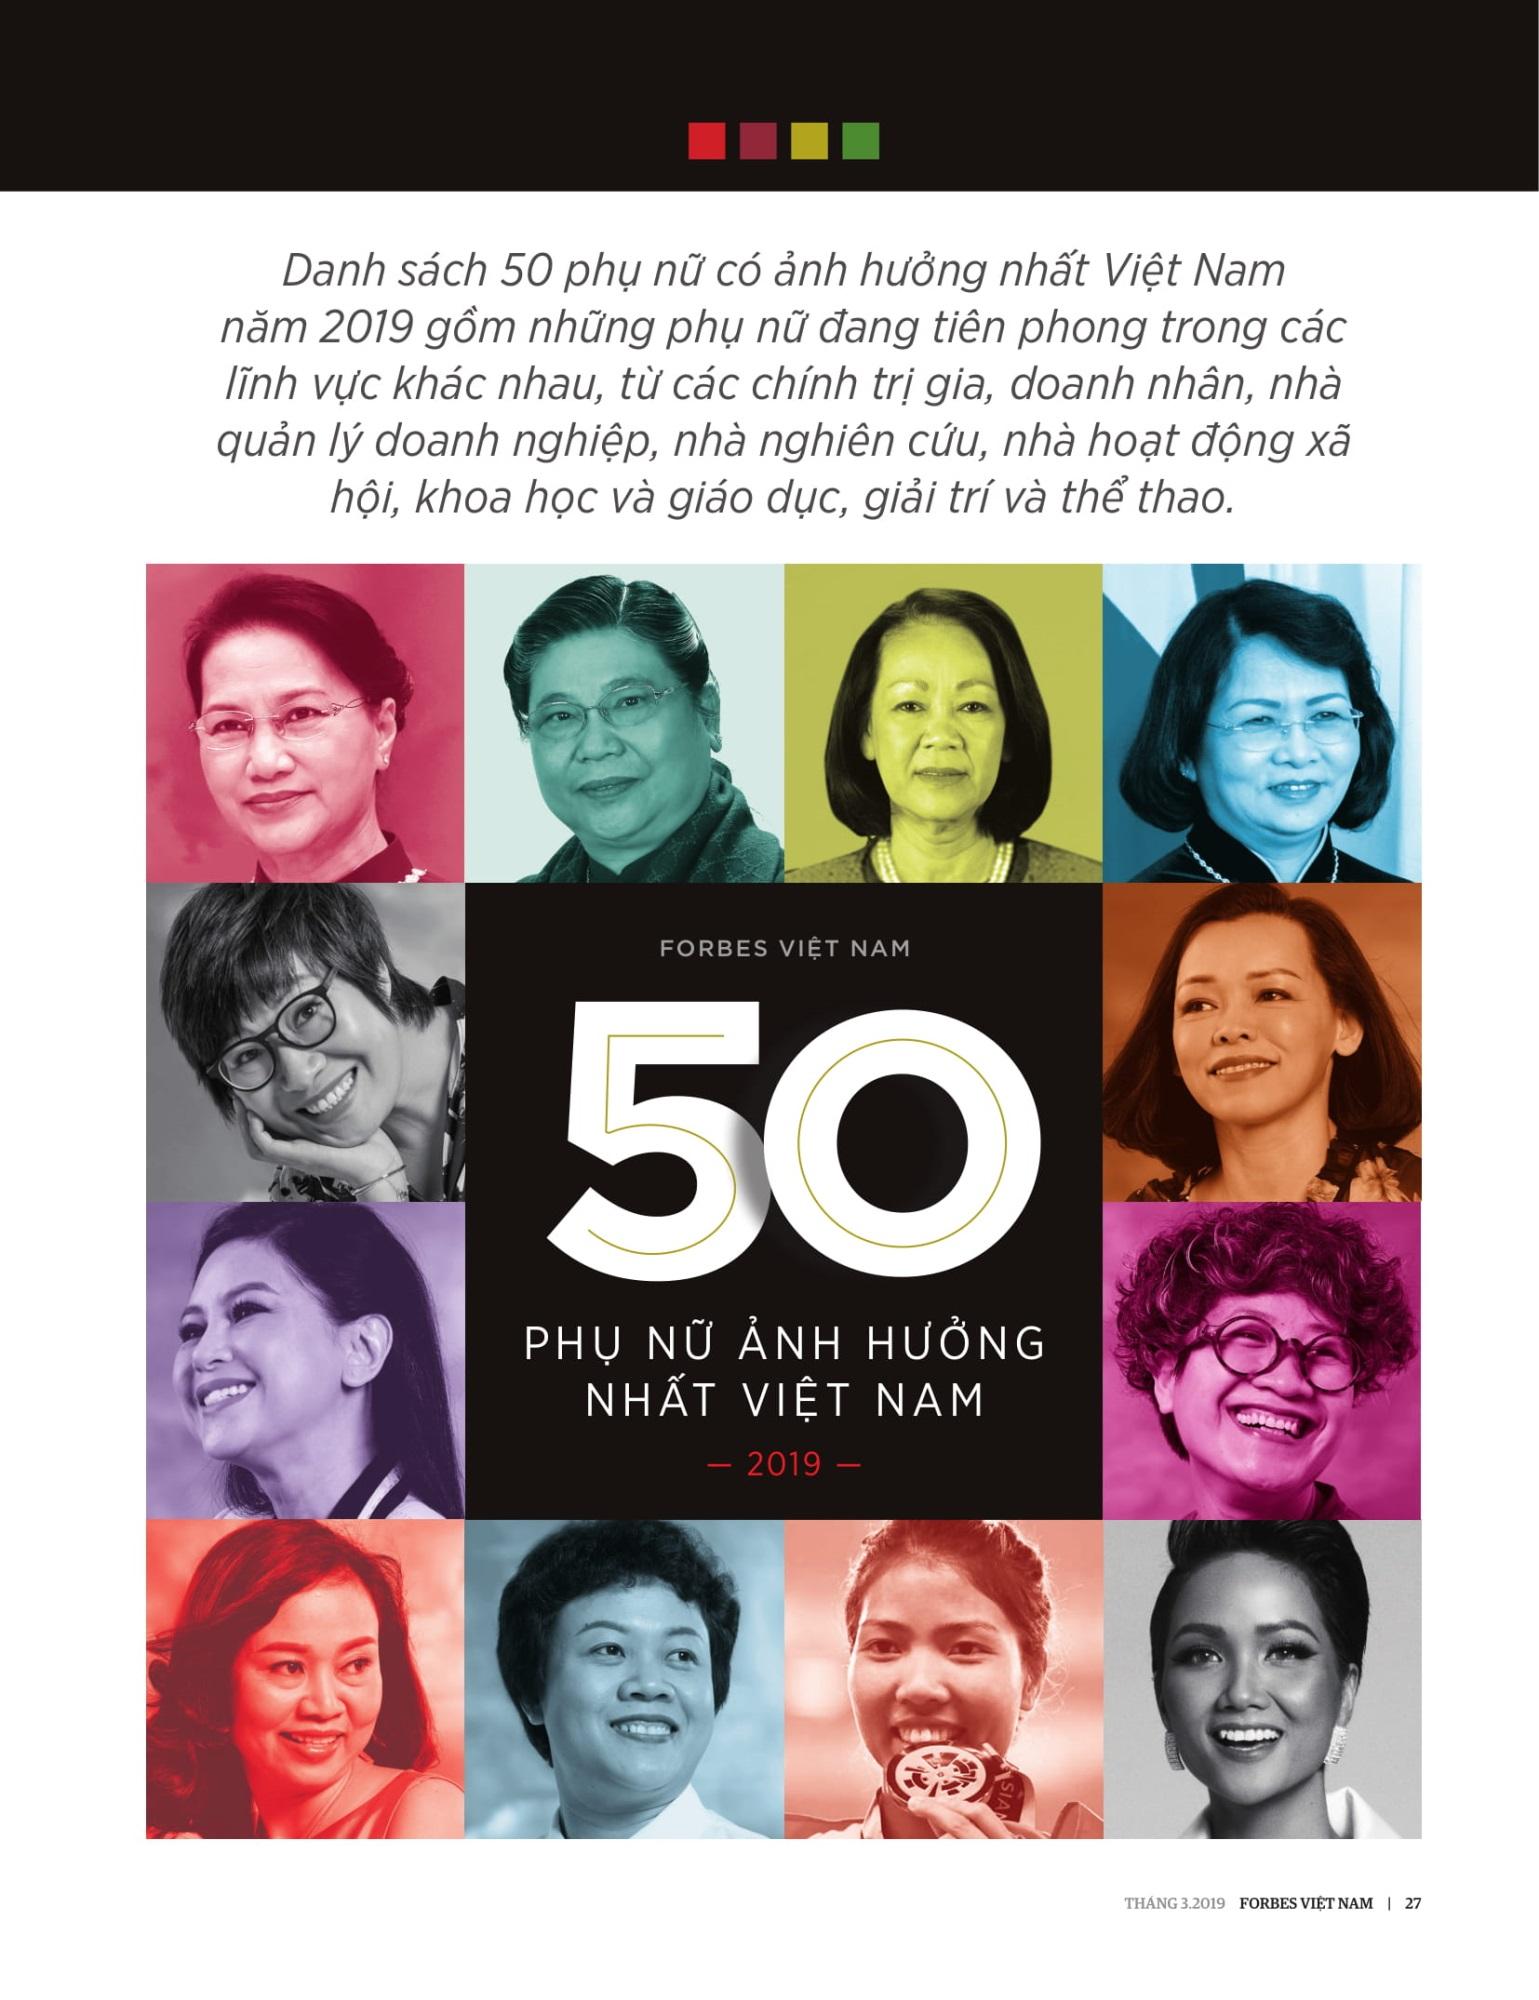 H'Hen Niê được vinh danh trong top 50 phụ nữ ảnh hưởng nhất VN 2019 - Ảnh 1